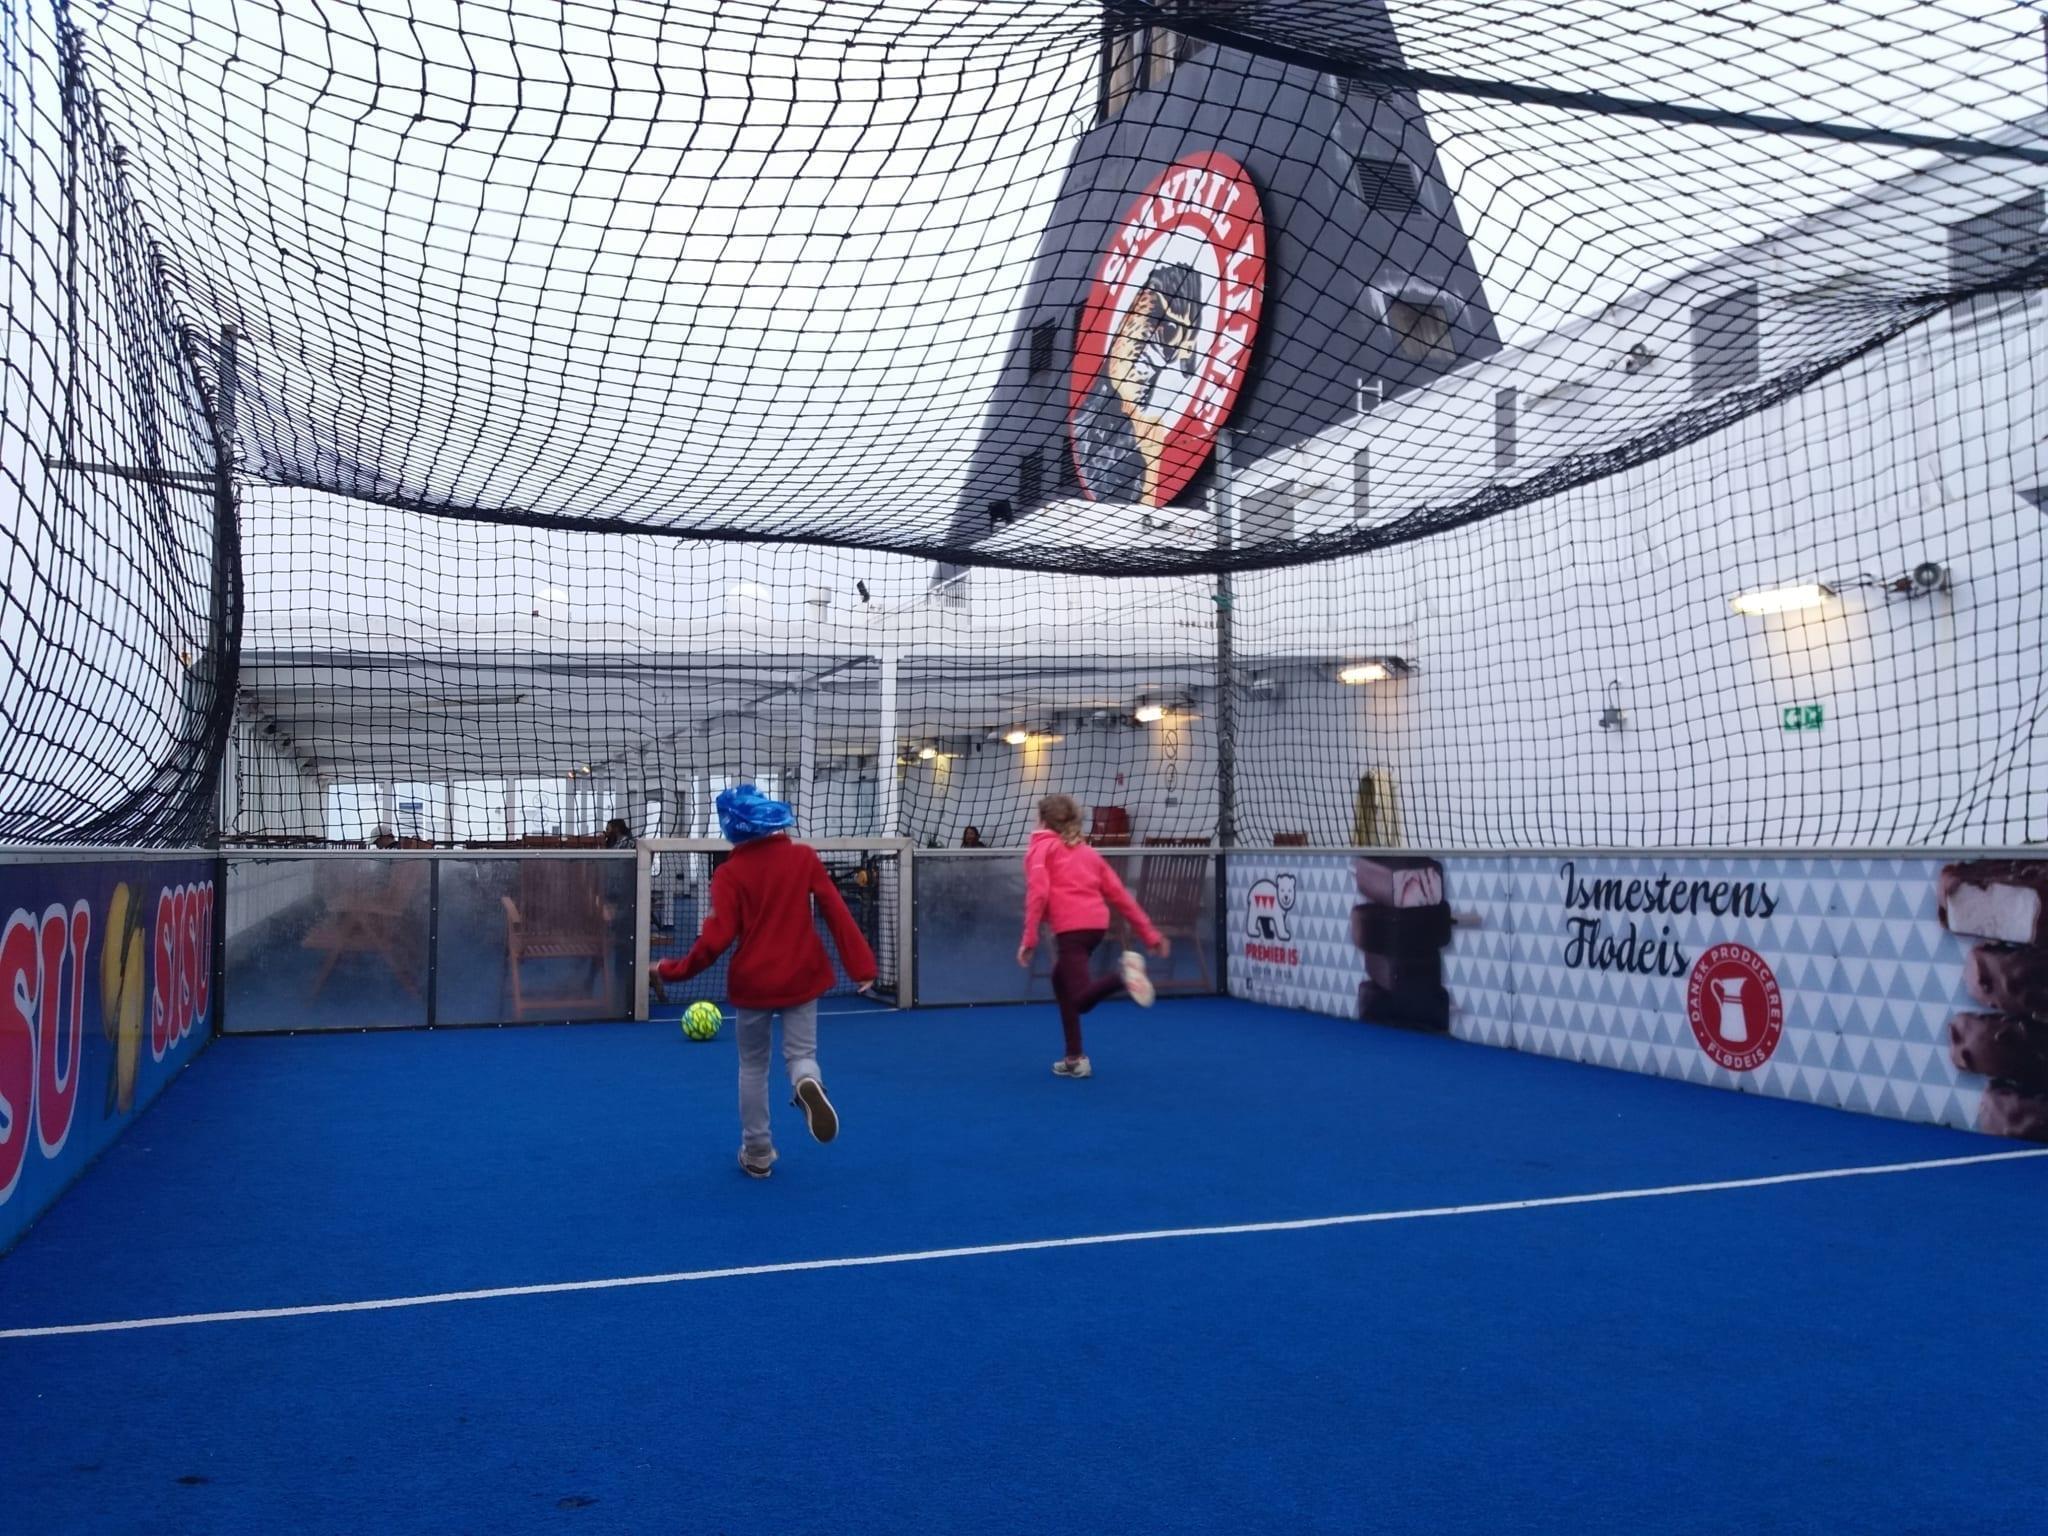 Fussballfeld auf der Norröna Foto AS